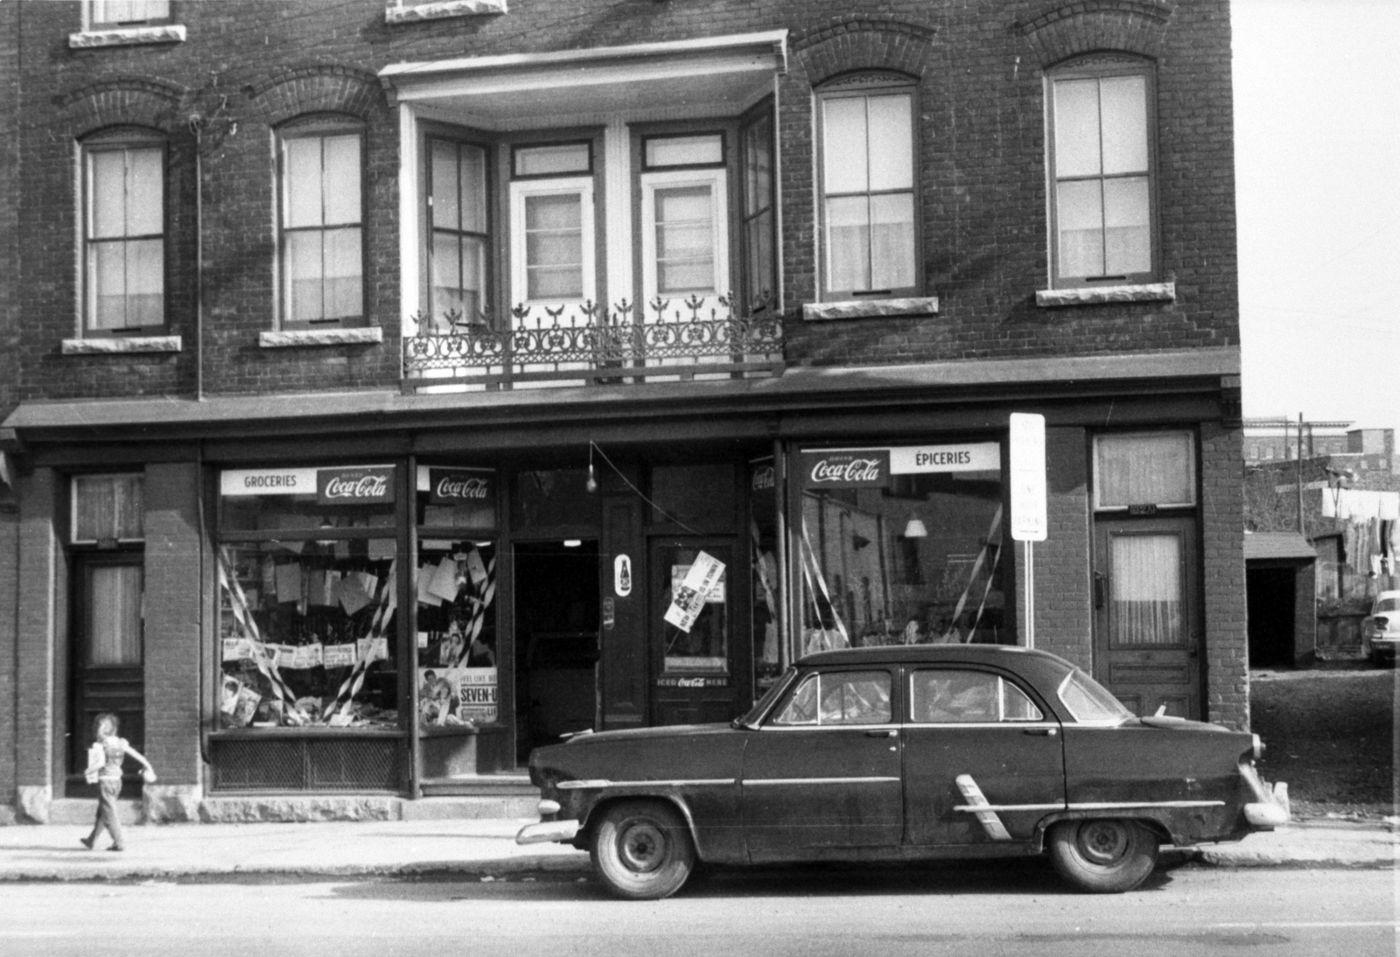 Photographie noir et blanc d'un jeune garçon marchant devant une maison en brique à plusieurs étages, abritant une épicerie au rez-de-chaussée. Les enseignes sont bilingues. Une voiture est stationnée devant le commerce.